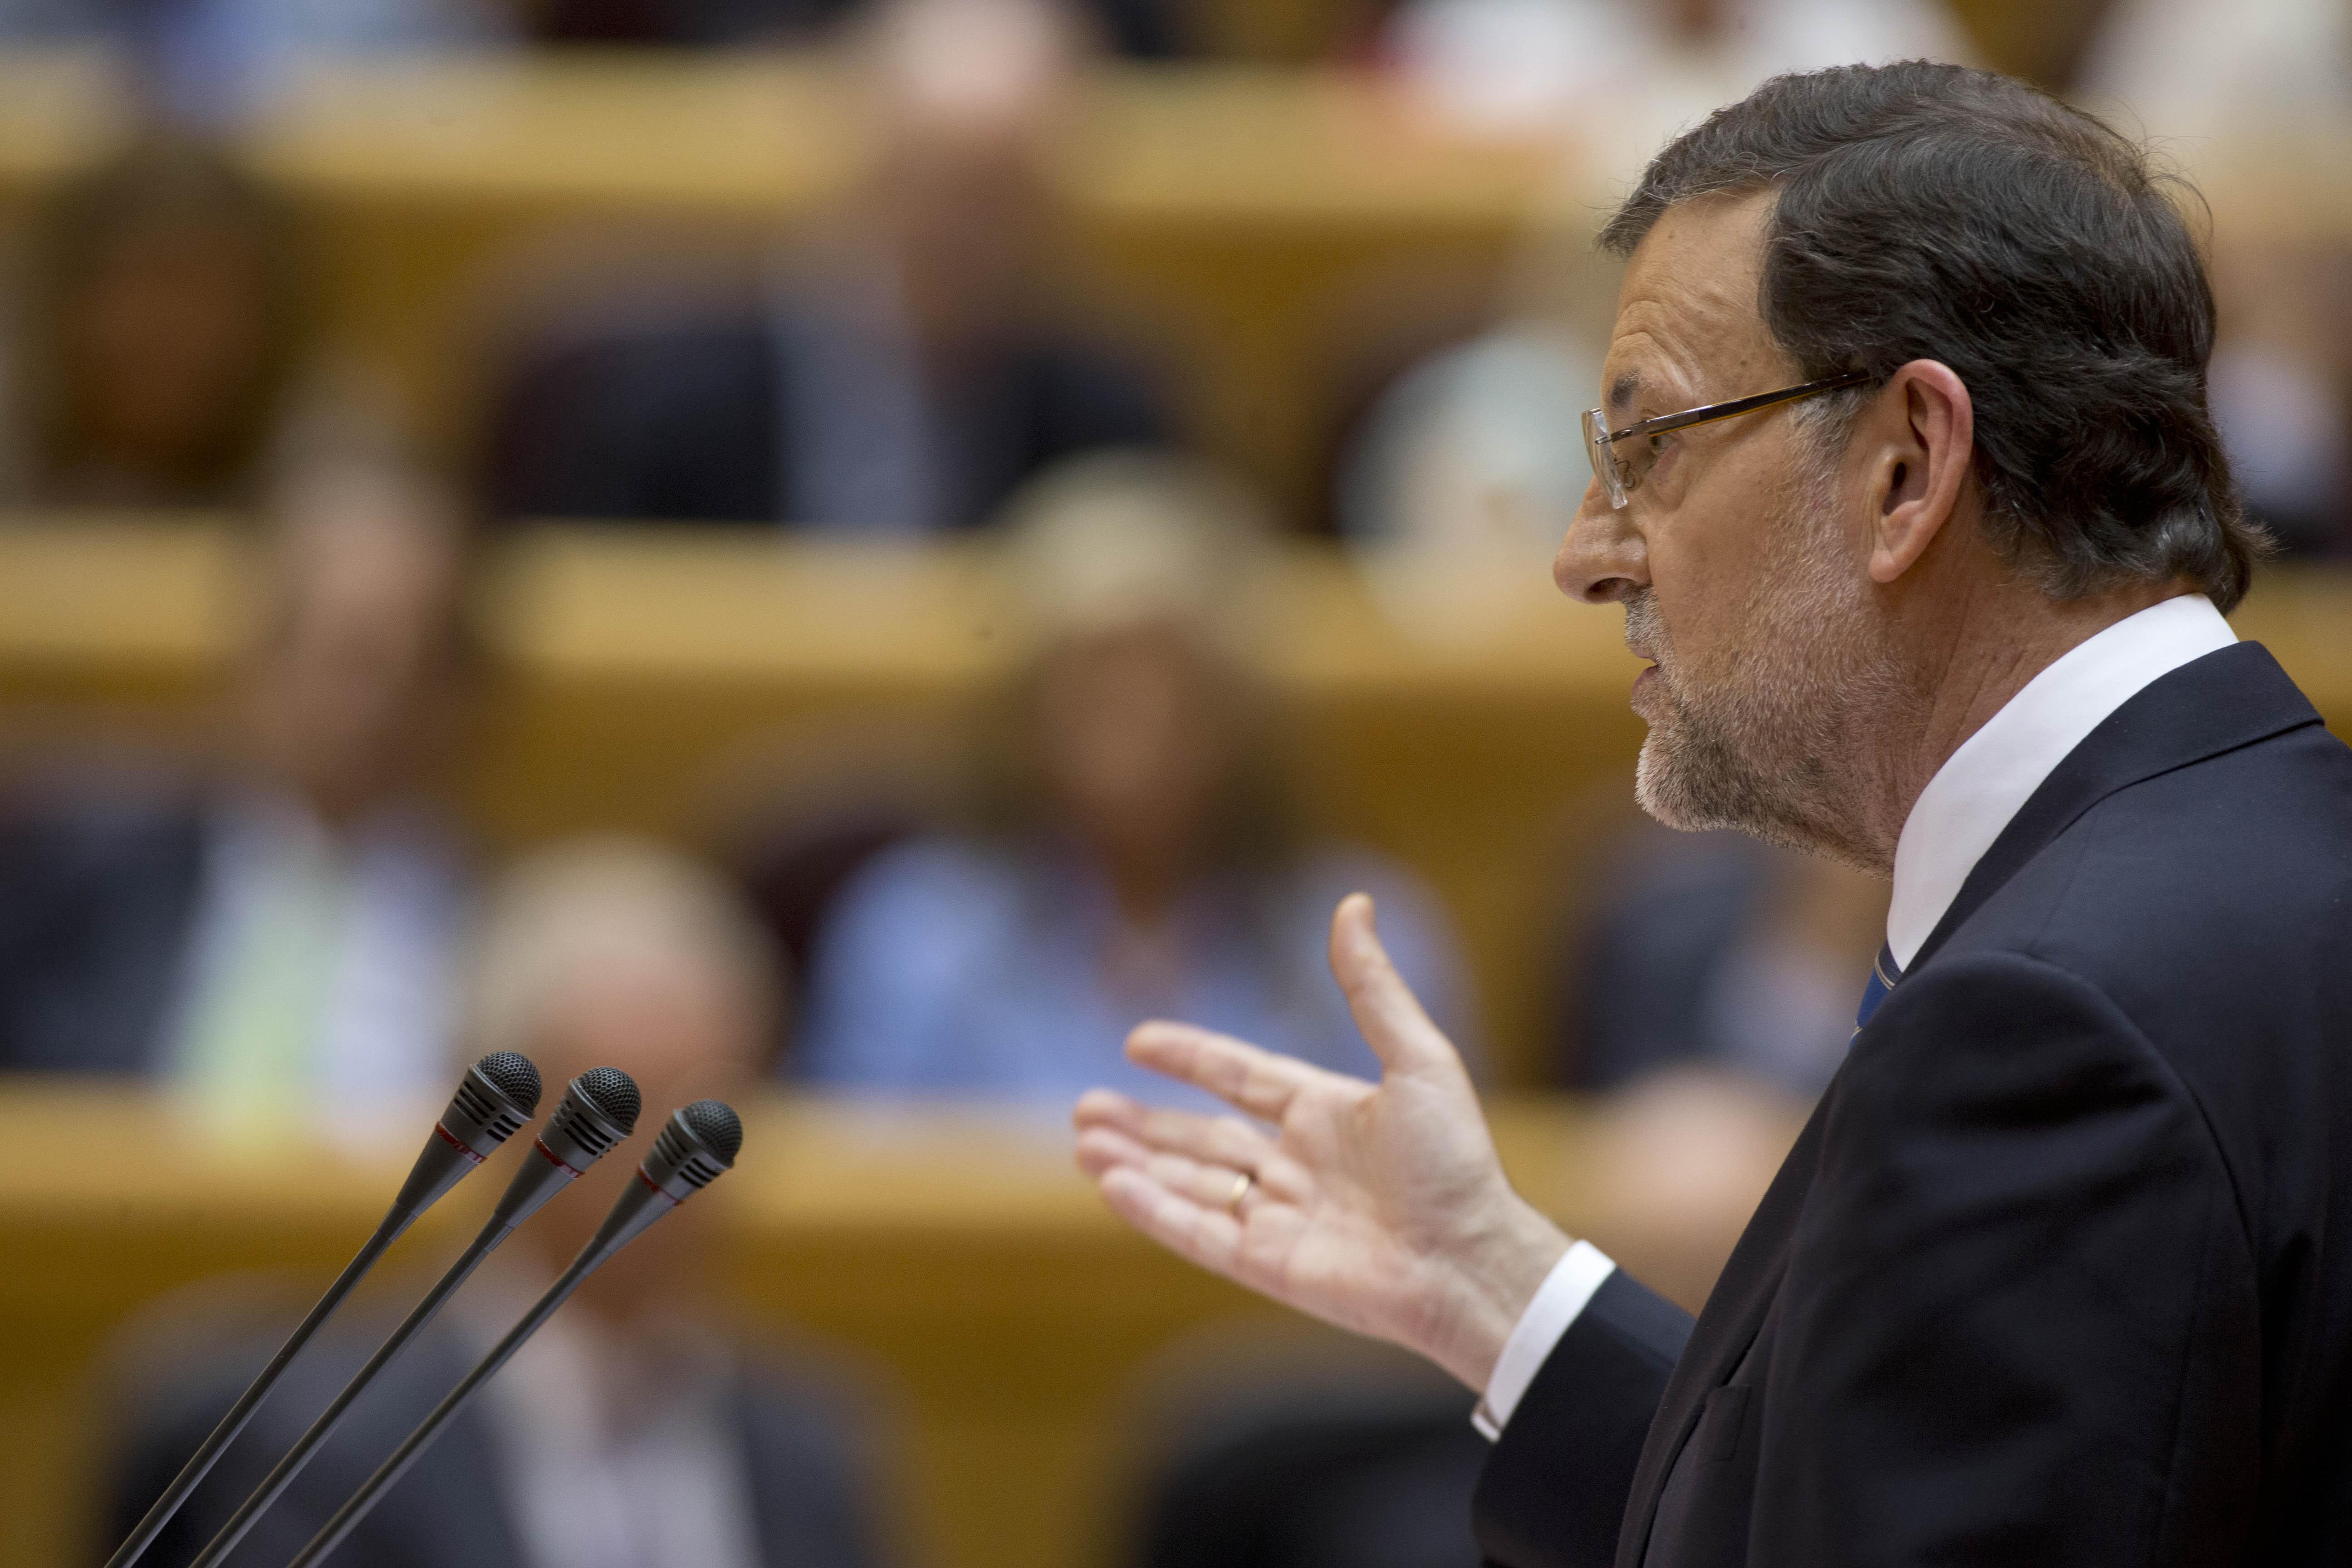 30/07/2013 Madrid, España El Presidente del Gobierno, Mariano Rajoy , comparece ante el Pleno extraordinario del Congreso de los Diputados. Fotografía: Diego Crespo / Moncloa Presidencia del Gobierno